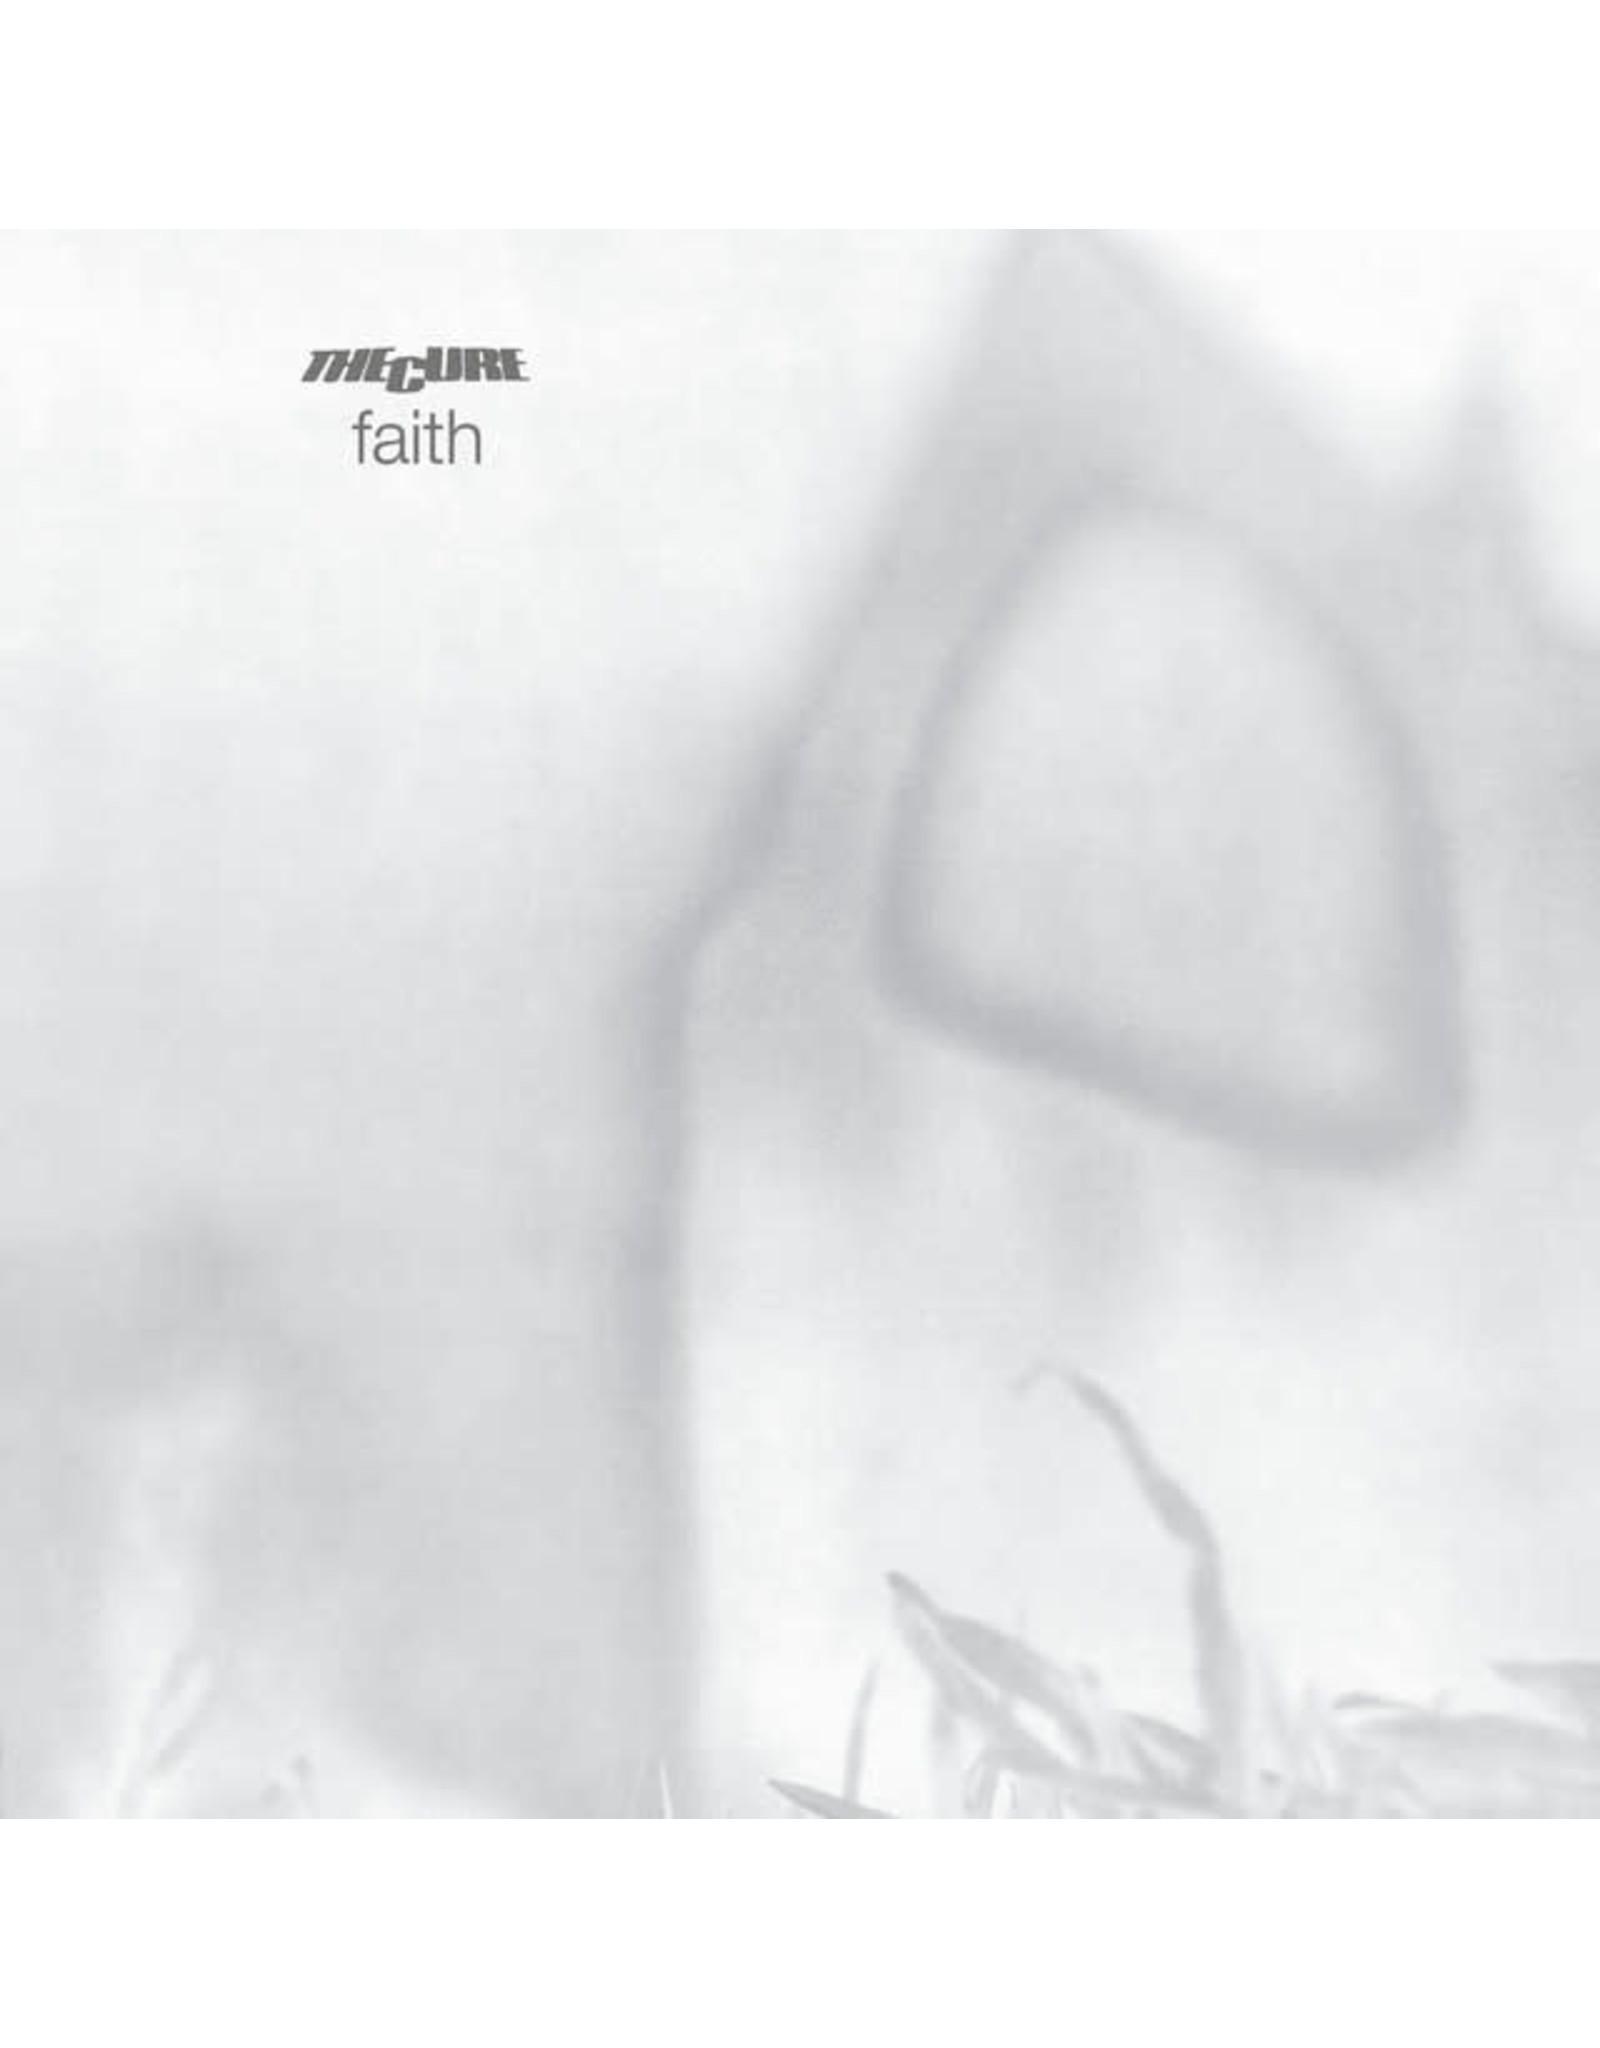 Vinyl The Cure - Faith